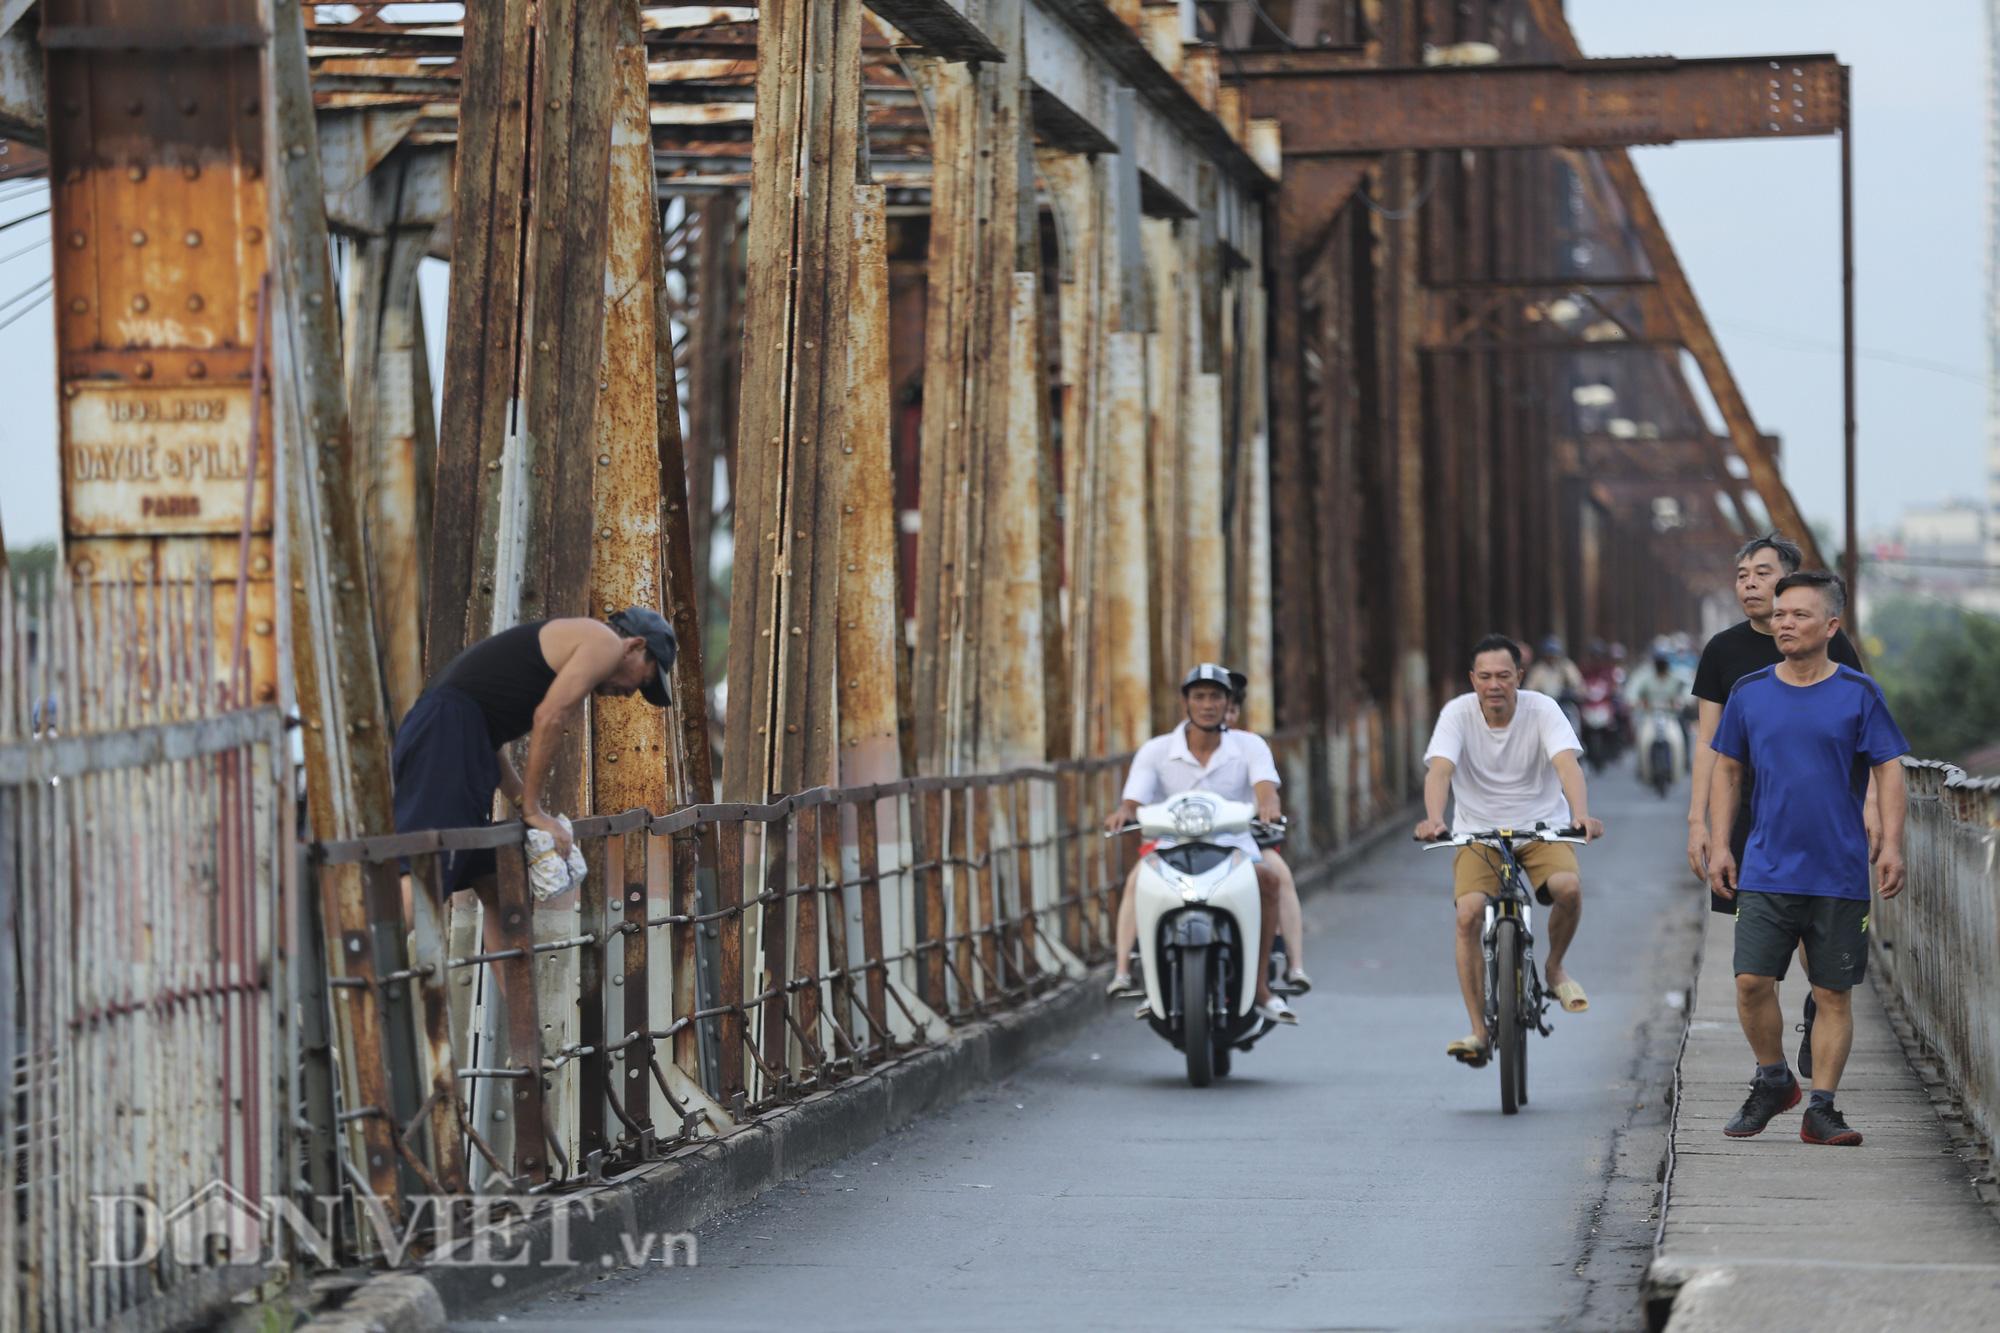 Mặc biển cấm, người dân vẫn vô tư đi bộ trên cầu Long Biên - Ảnh 2.